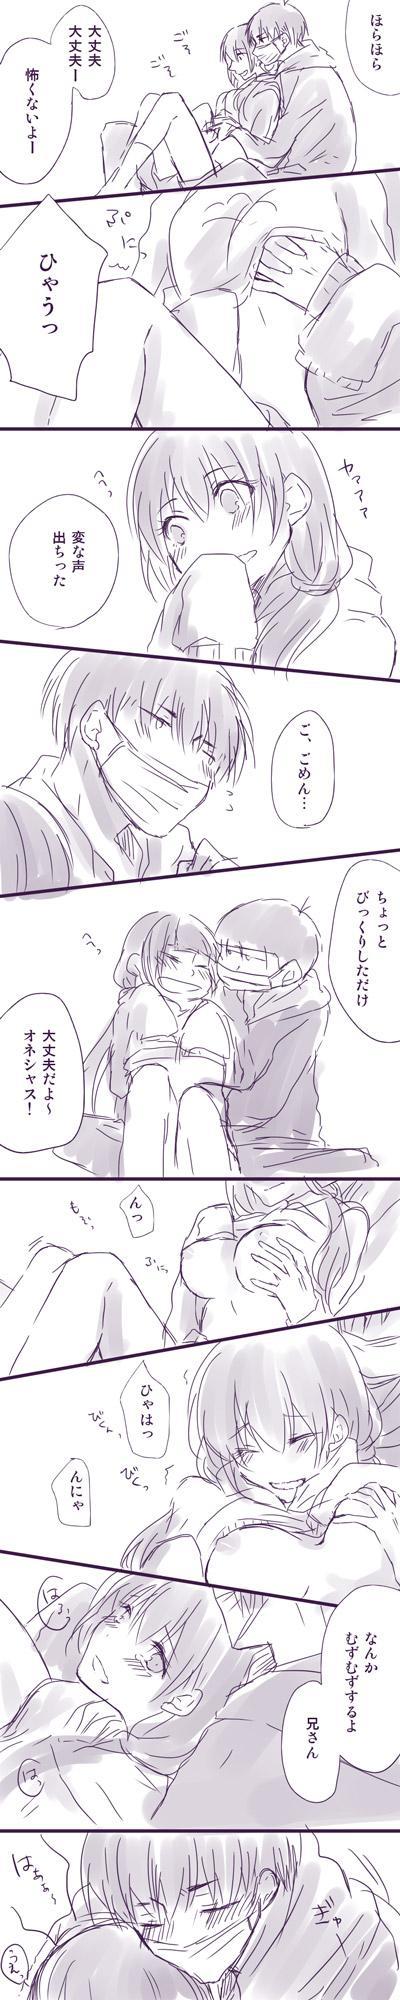 [Souko] Ichimatsu Nii-san to Juushimatsu-chan ♀ (Osomatsu-san) 2